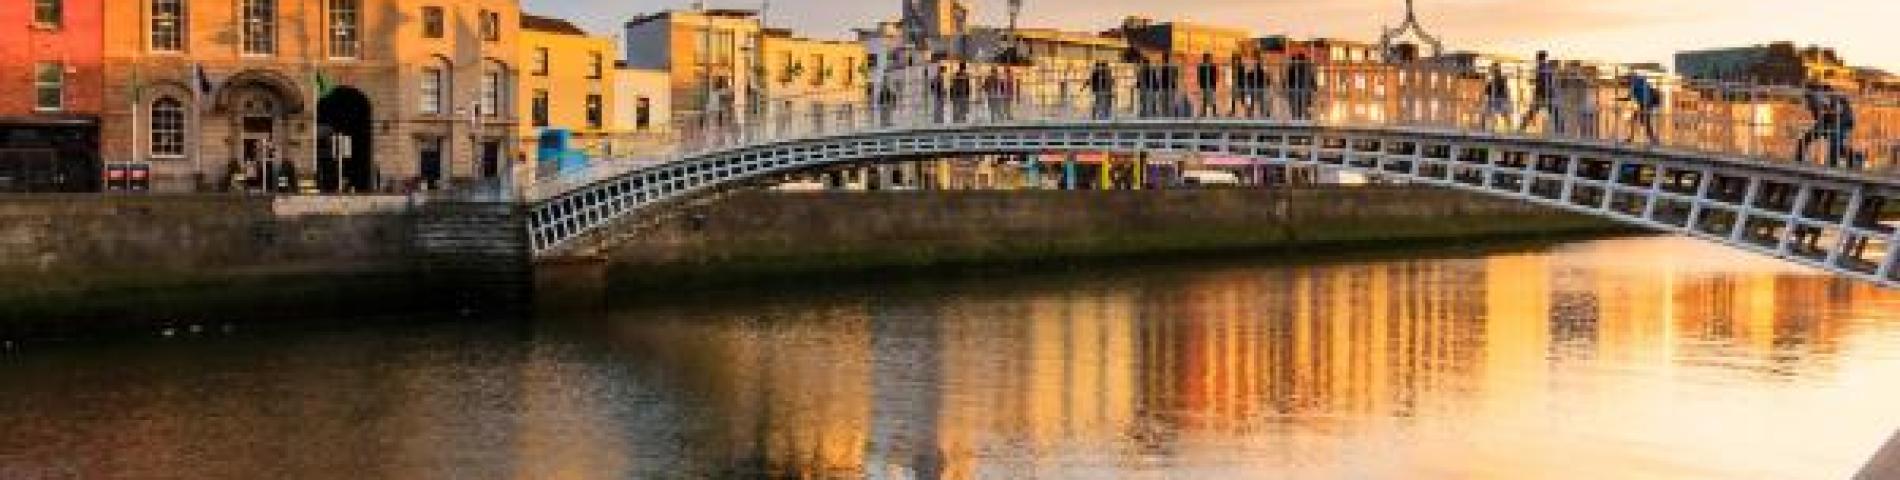 Авиабилеты в Дублин: удобные варианты перелета из Москвы